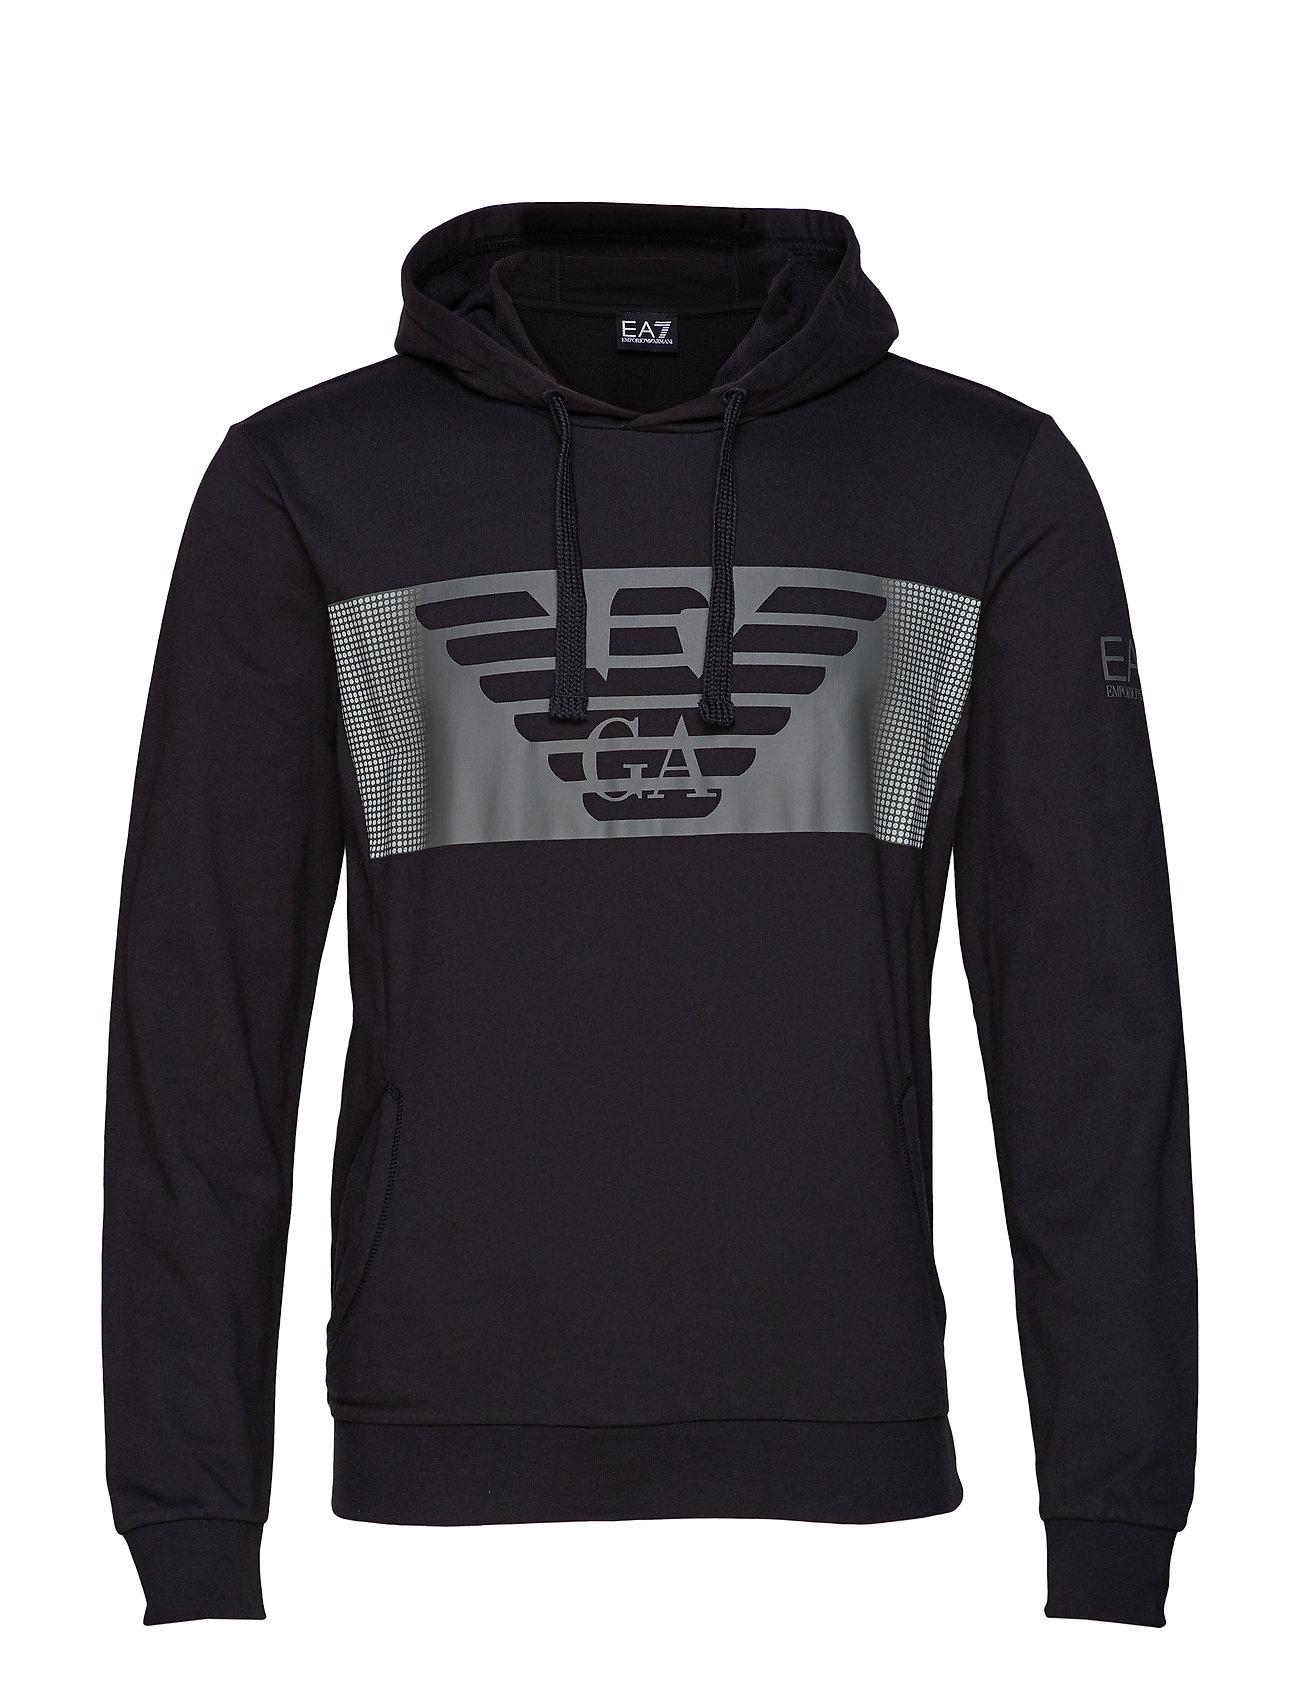 Hoodie Sweatshirt by Ea7